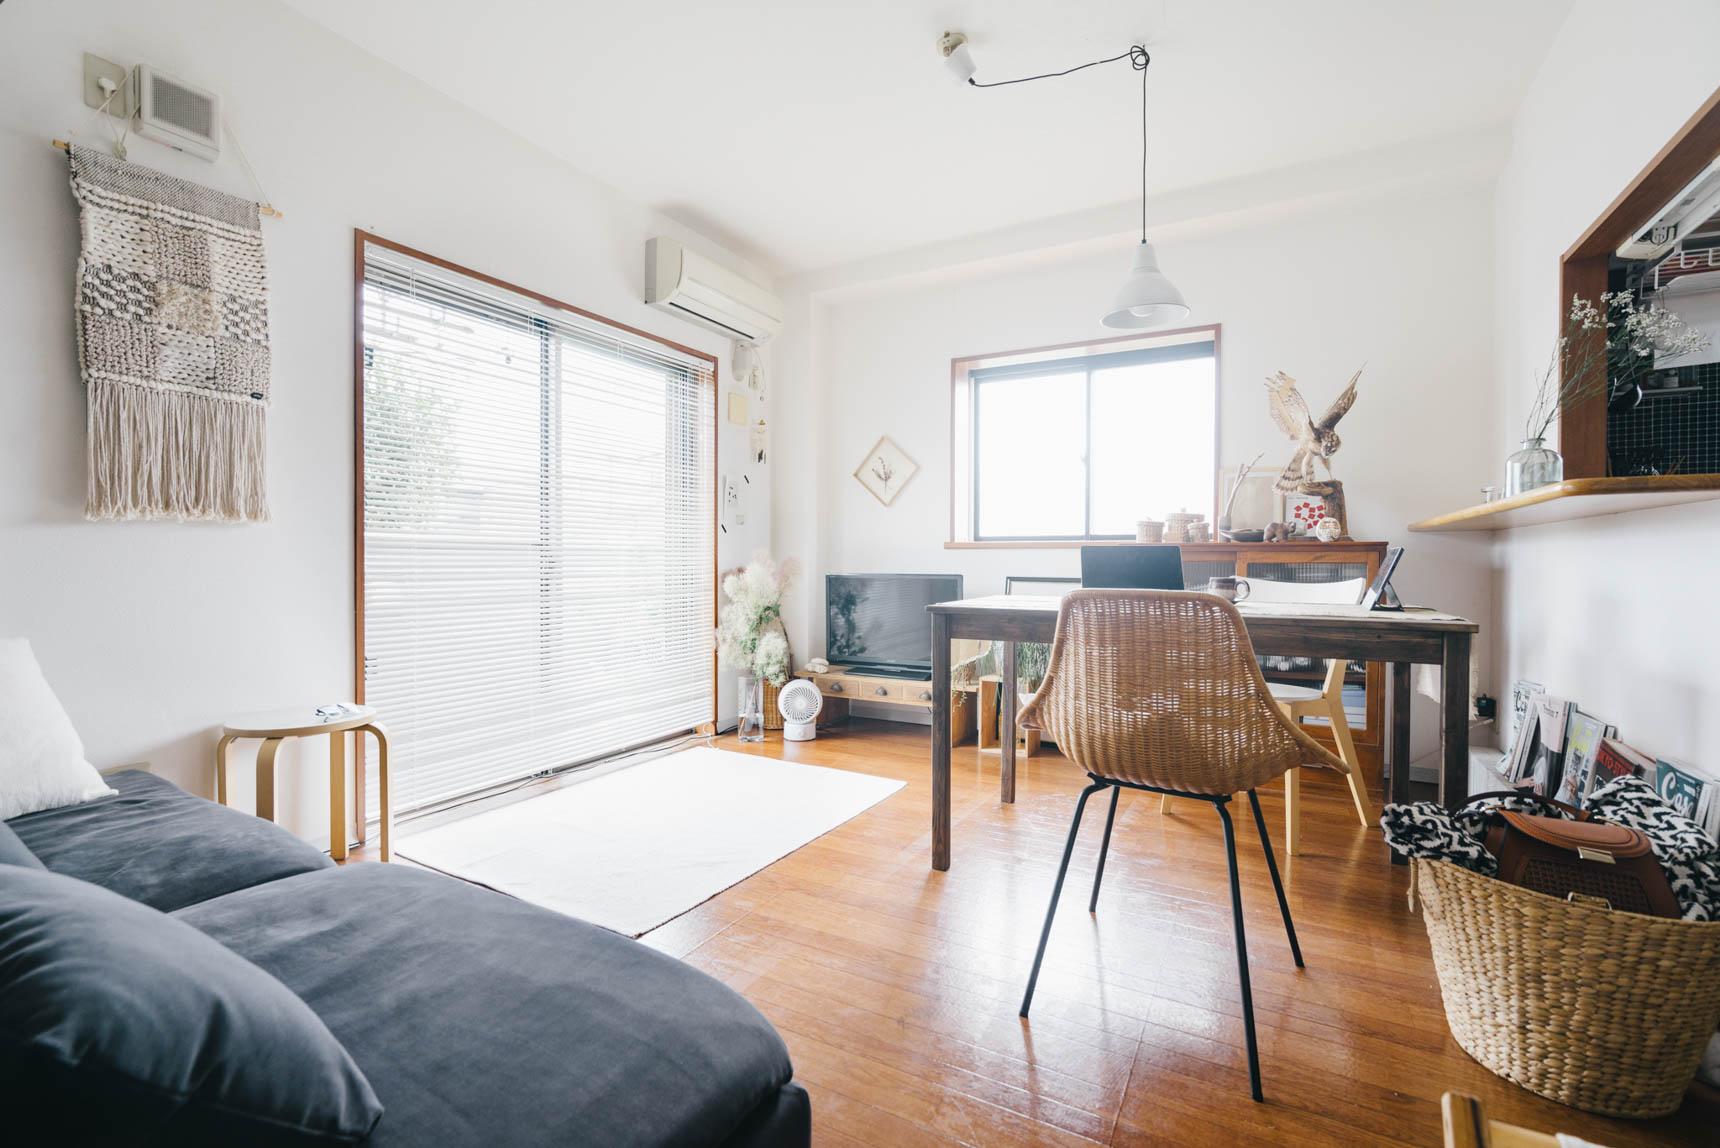 窓がたくさんあるLDK。木のぬくもりを感じる家具が多く、落ち着きます。